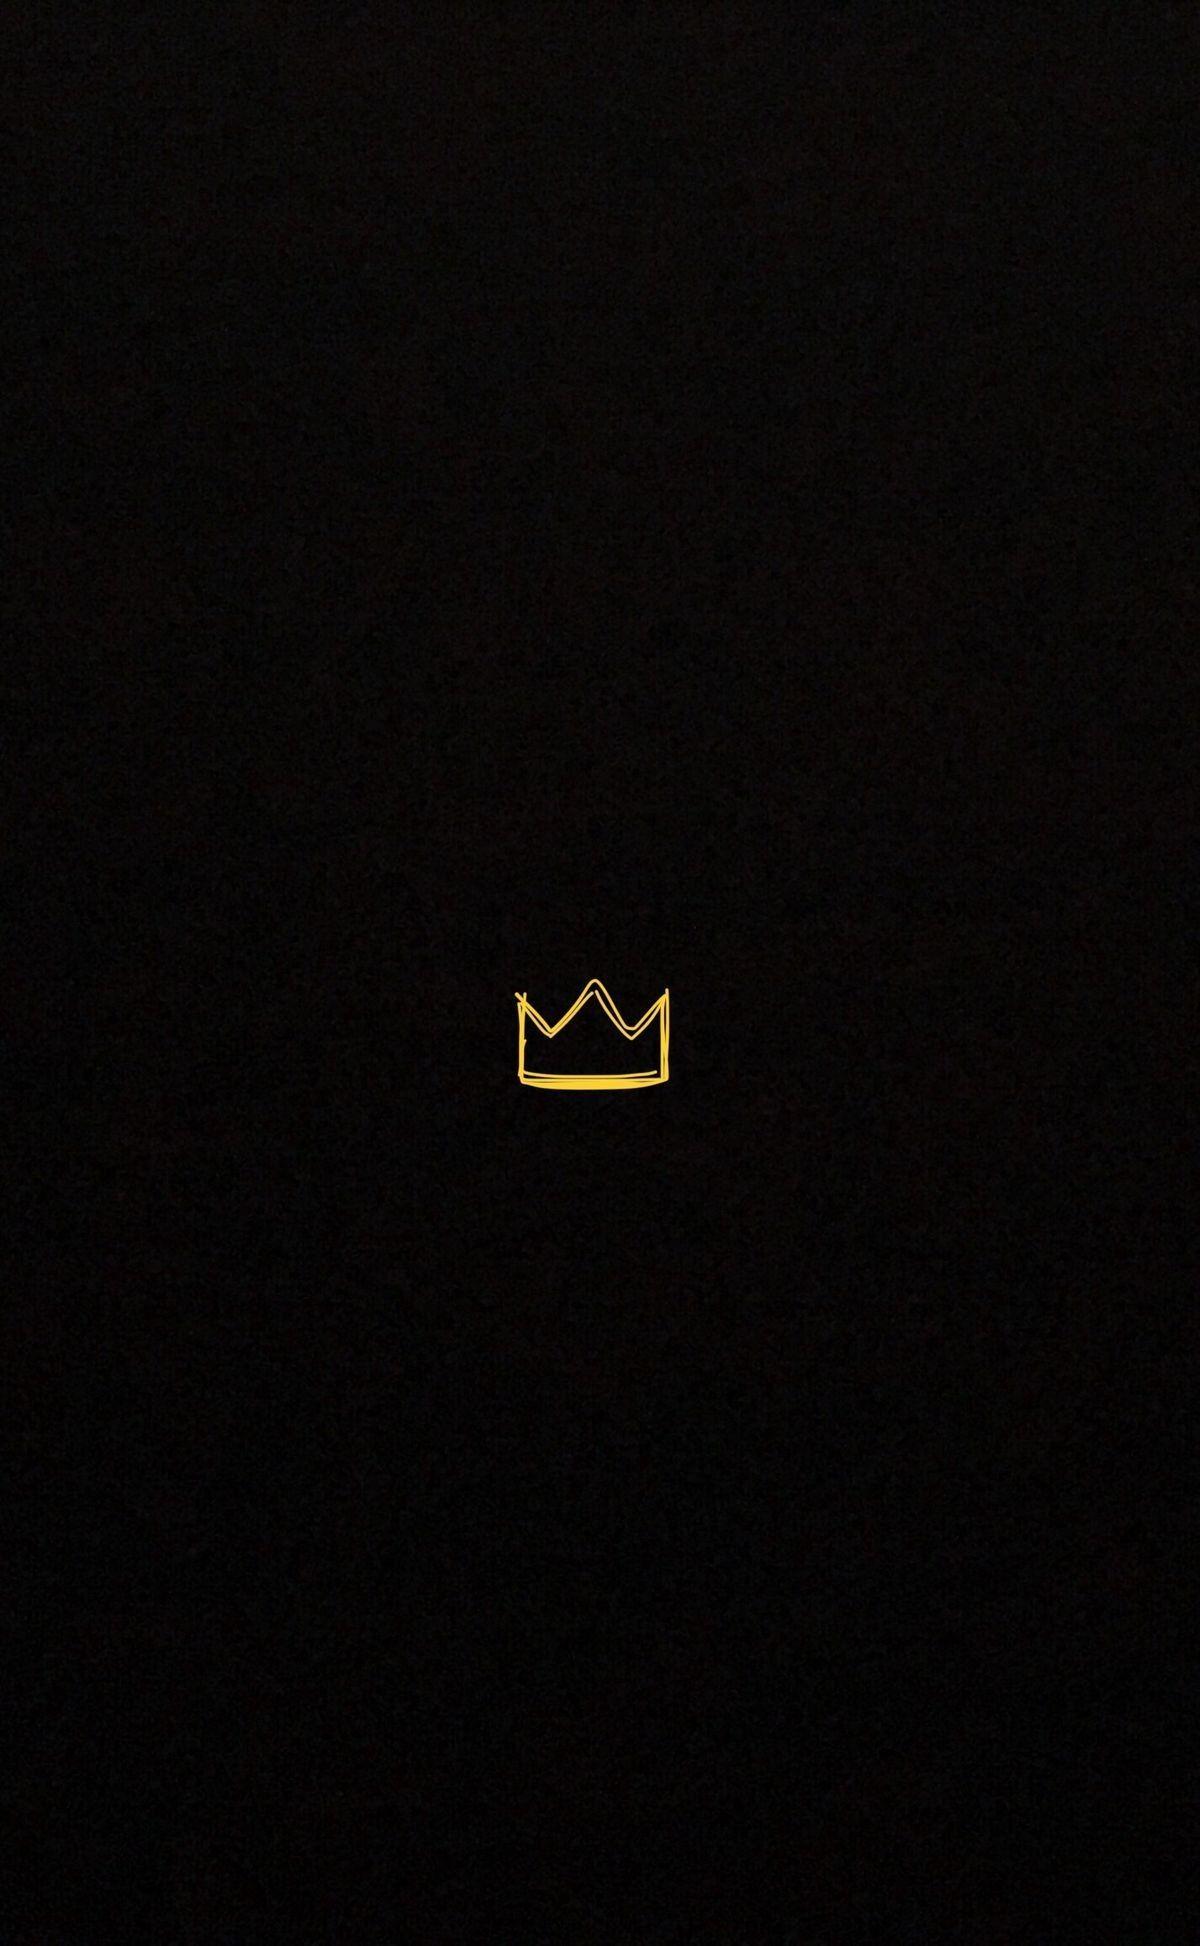 Iphone 7 Tumblr Simple Wallpapers Black Wallpaper Black Aesthetic Wallpaper